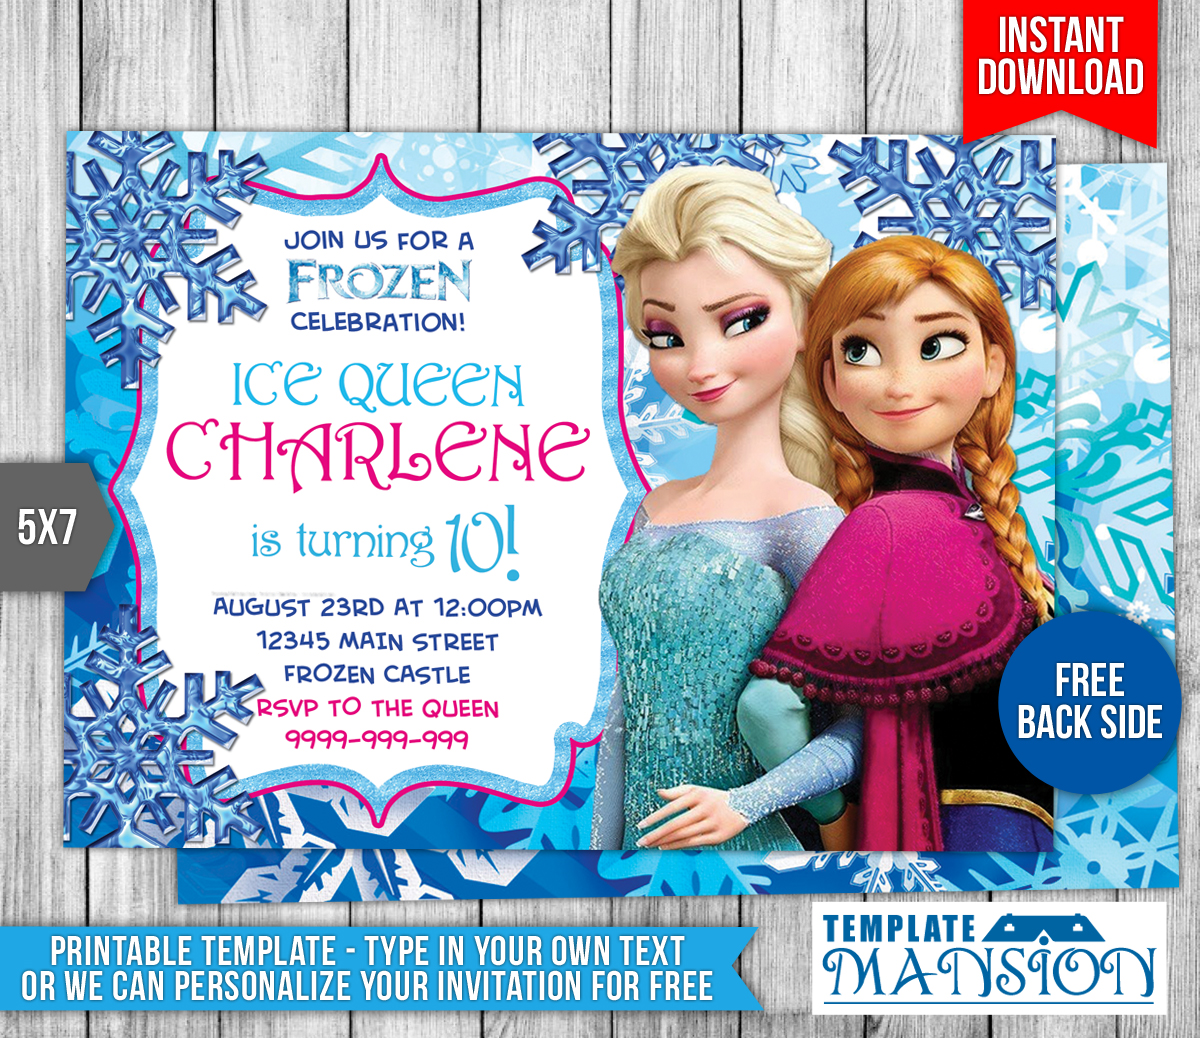 Disney Frozen Birthday Invitation by templatemansion on DeviantArt